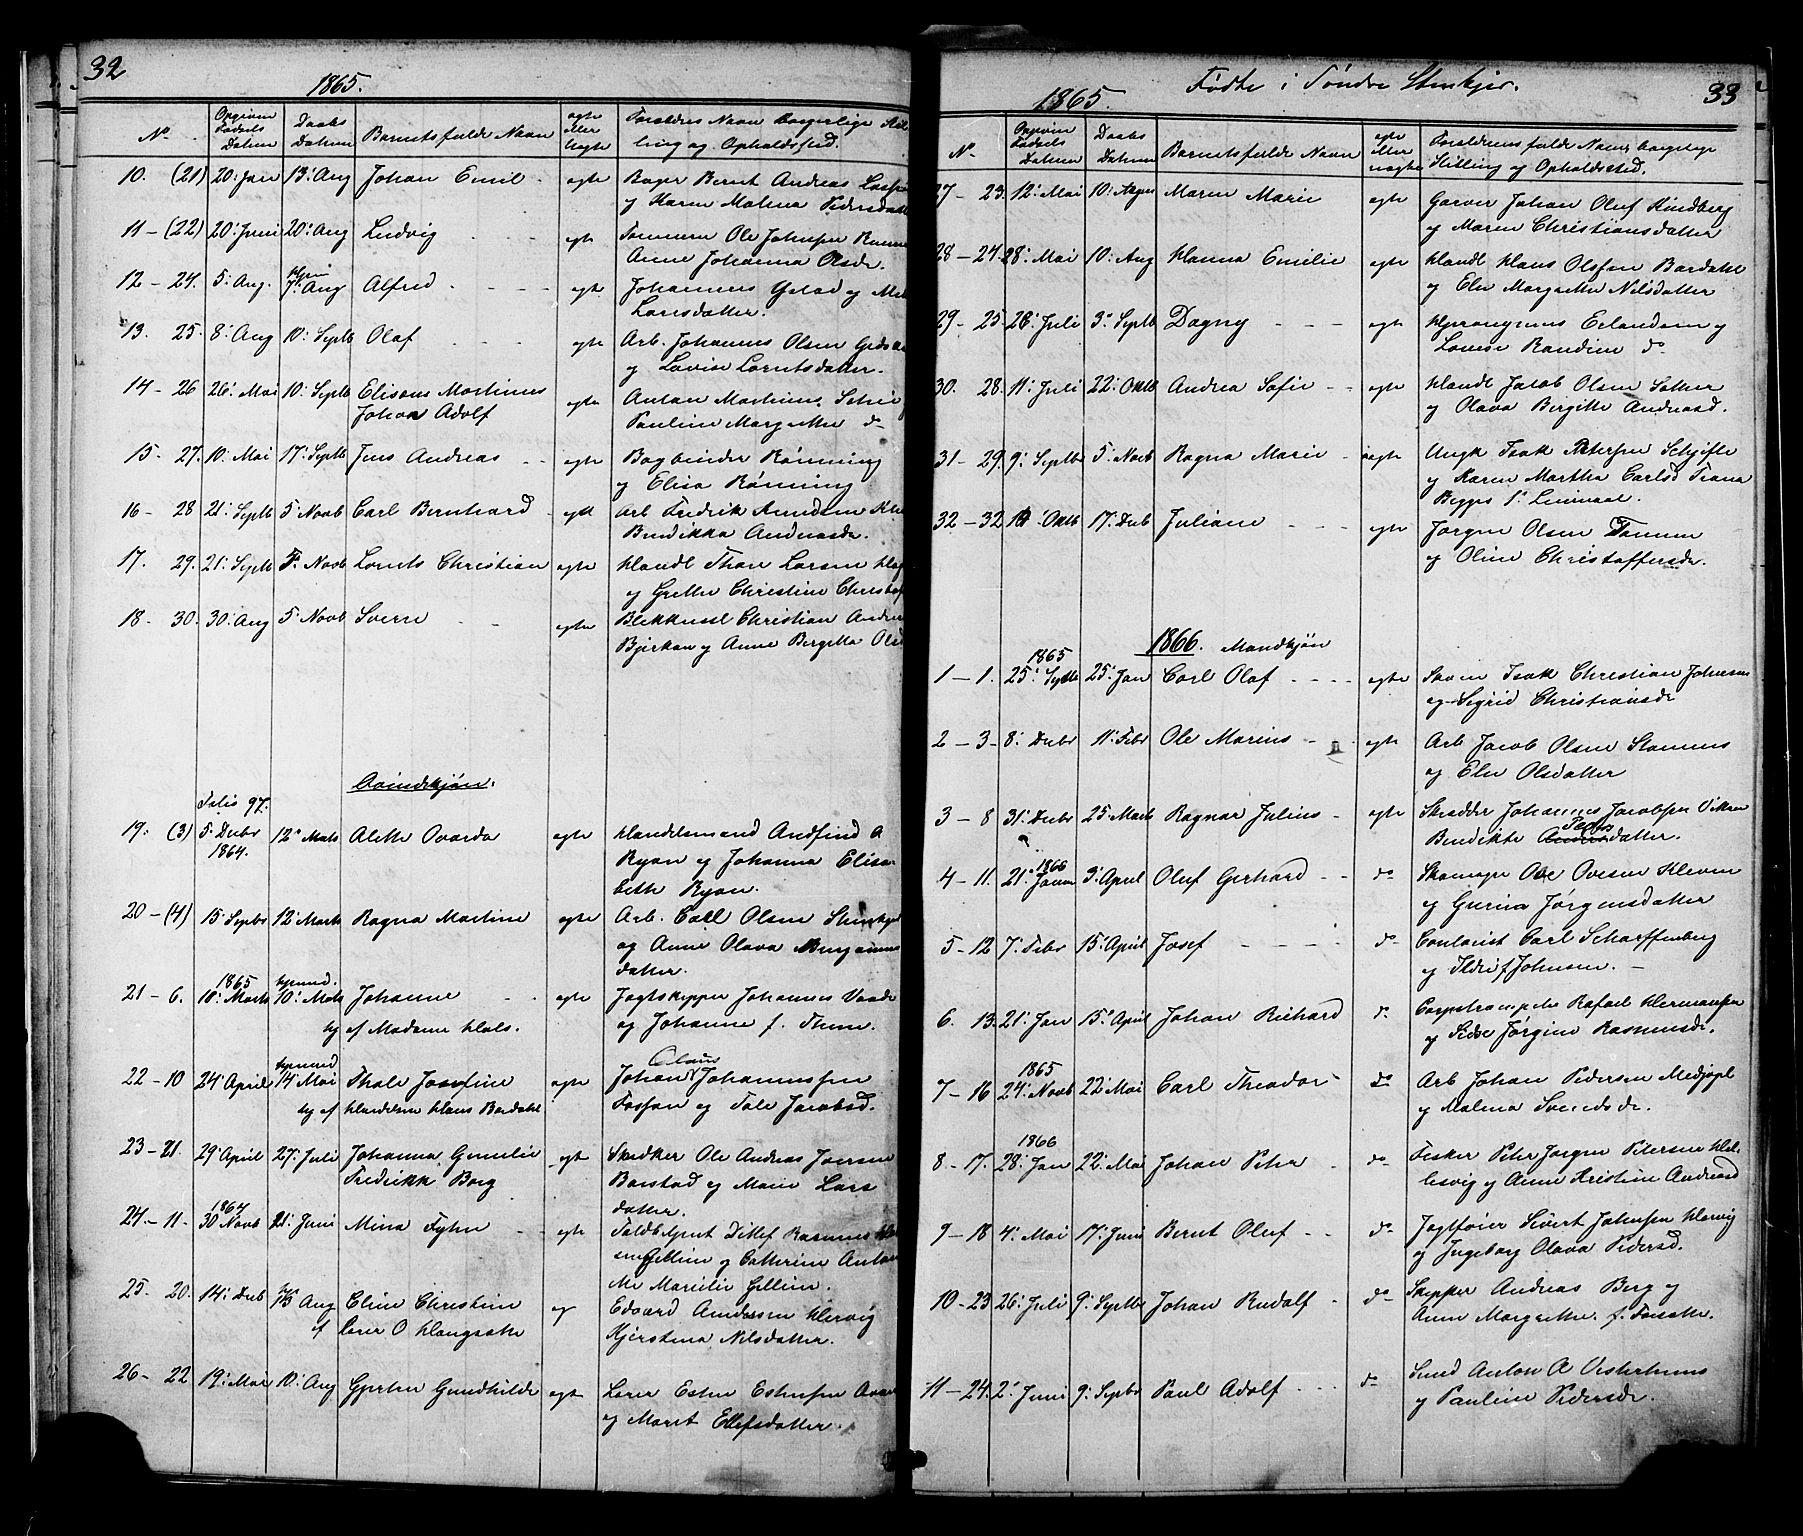 SAT, Ministerialprotokoller, klokkerbøker og fødselsregistre - Nord-Trøndelag, 739/L0367: Ministerialbok nr. 739A01 /1, 1838-1868, s. 32-33